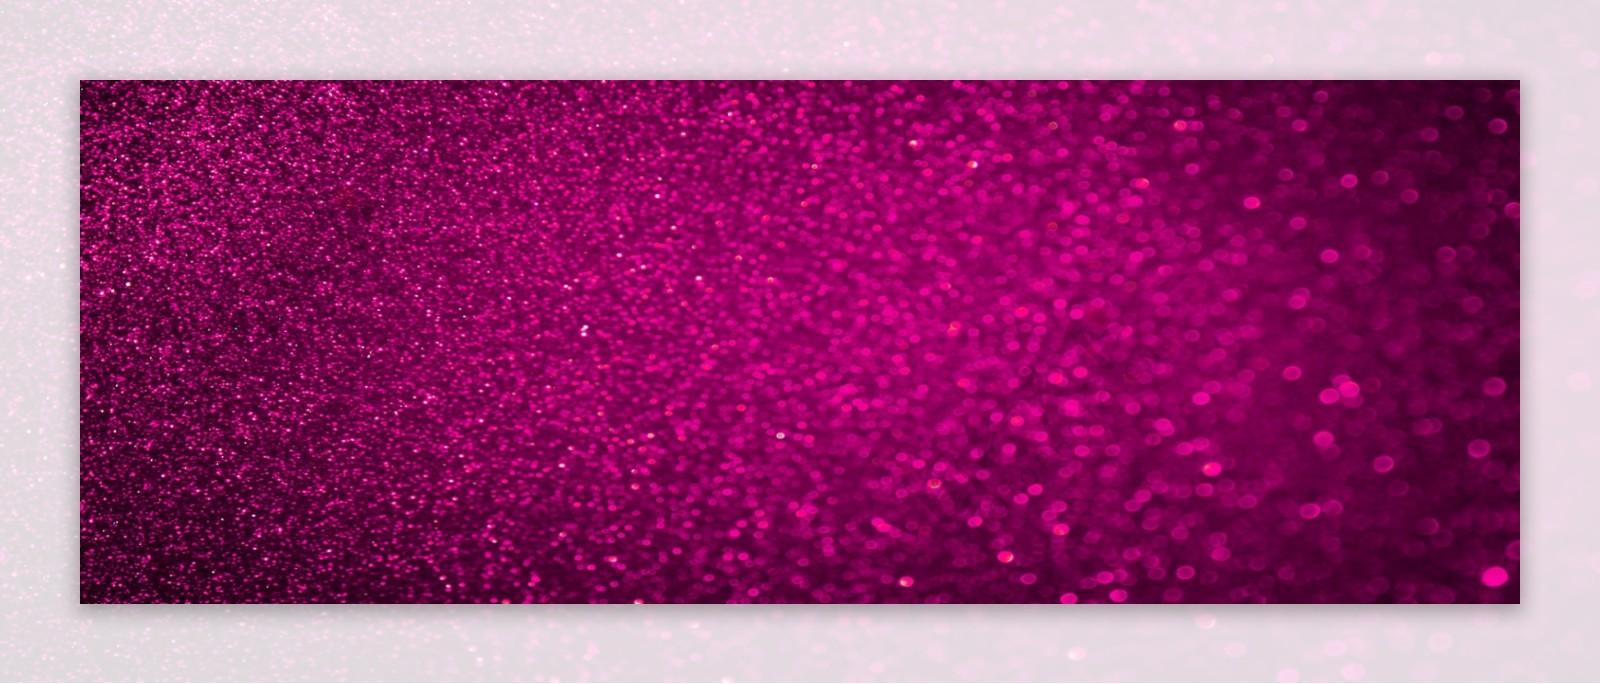 简约紫色通用背景素材